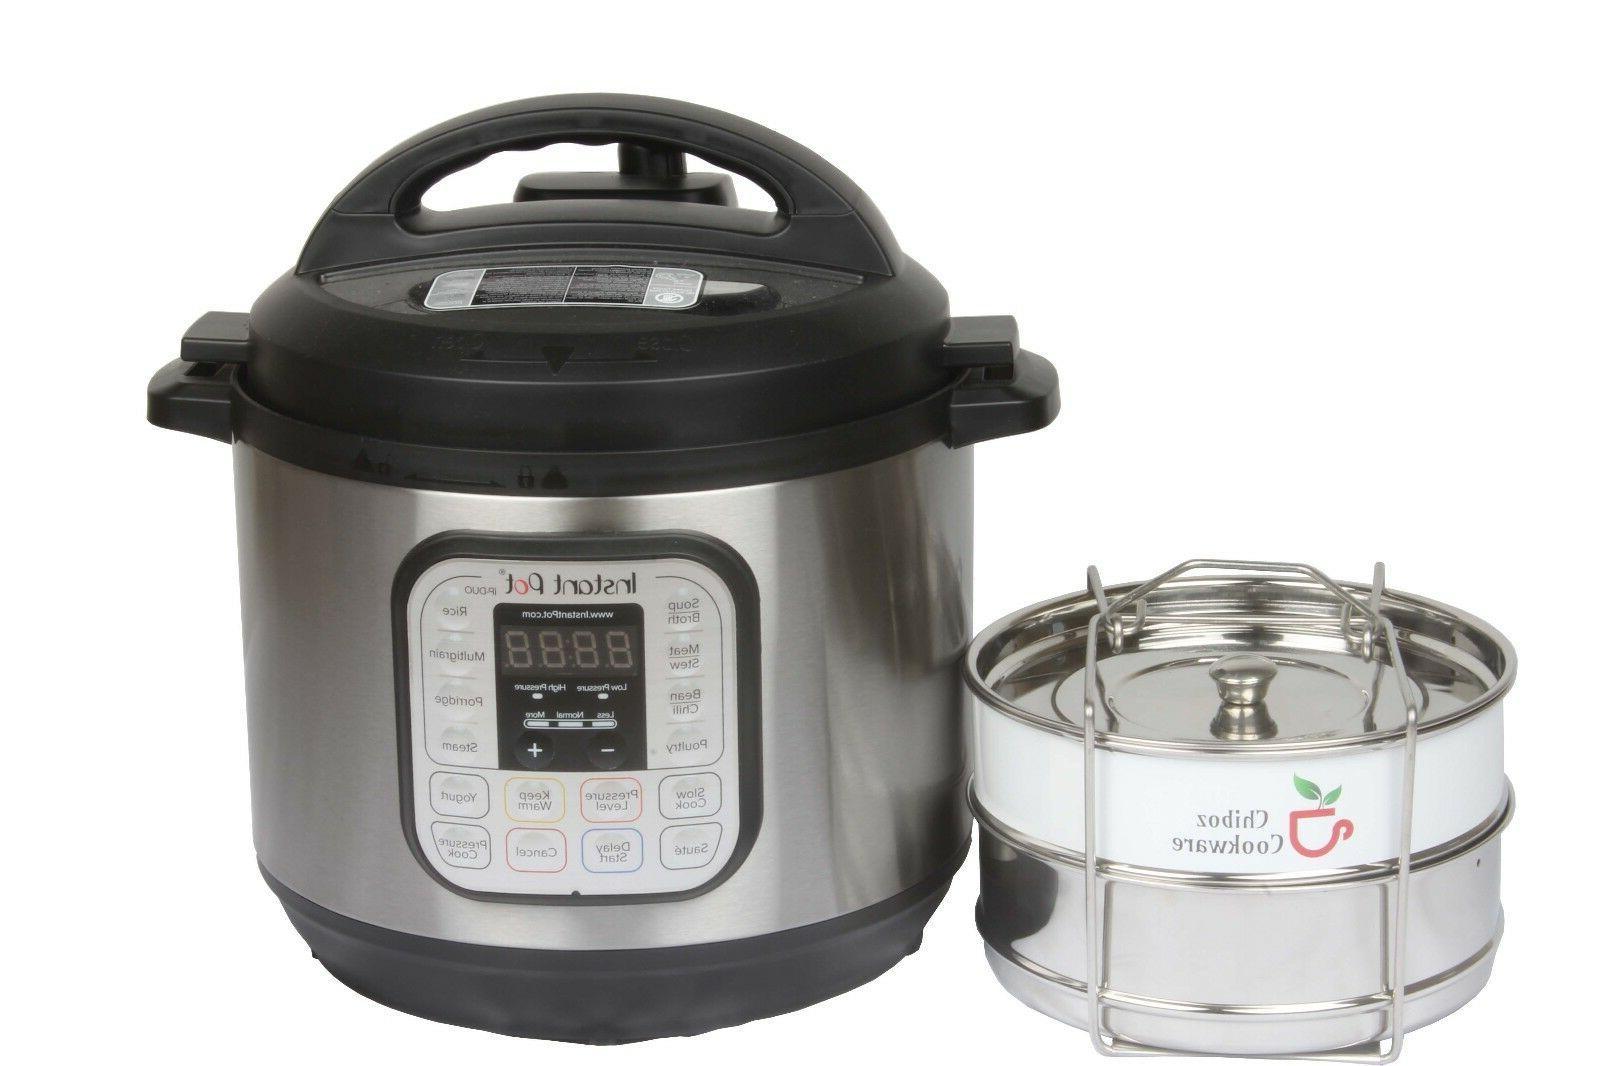 Instant Pot quart Steamer Insert